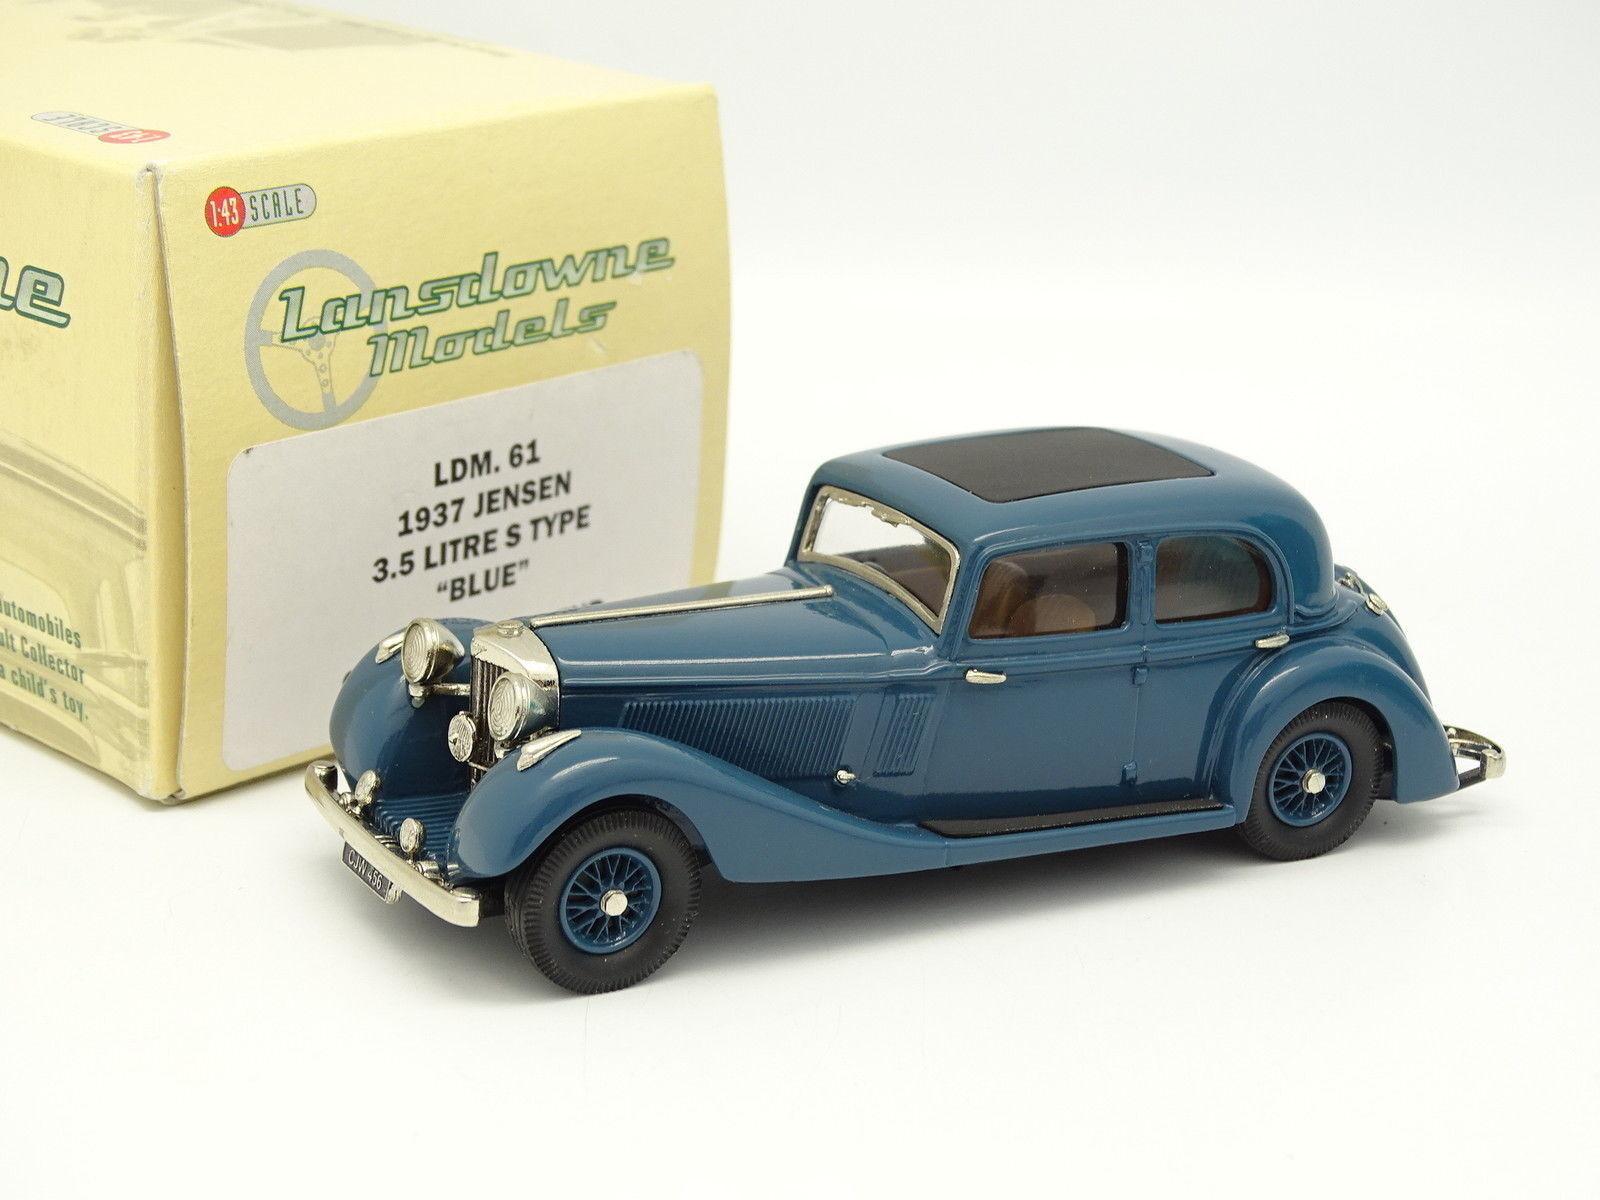 Lansdowne Modelli 1 43 - JENSEN 3.5L S tipo 1937 blue